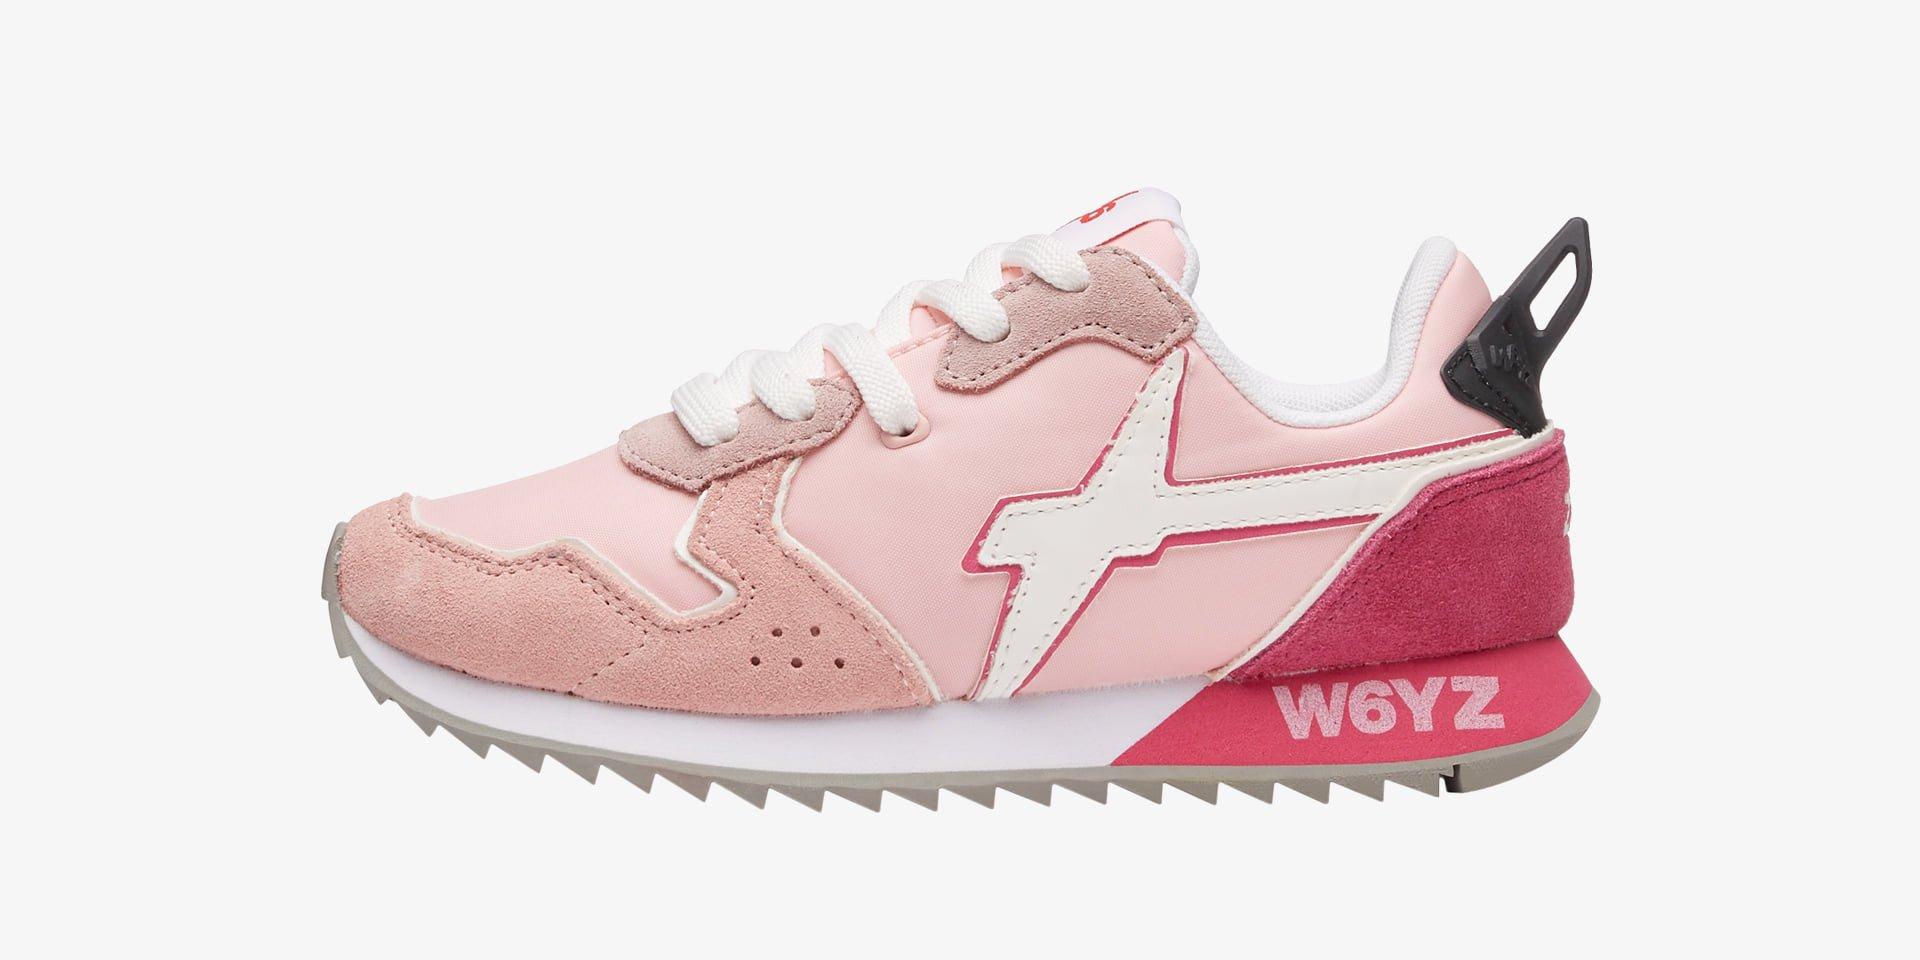 JET-J - Sneaker in tessuto e pelle - Rosa-Bianco